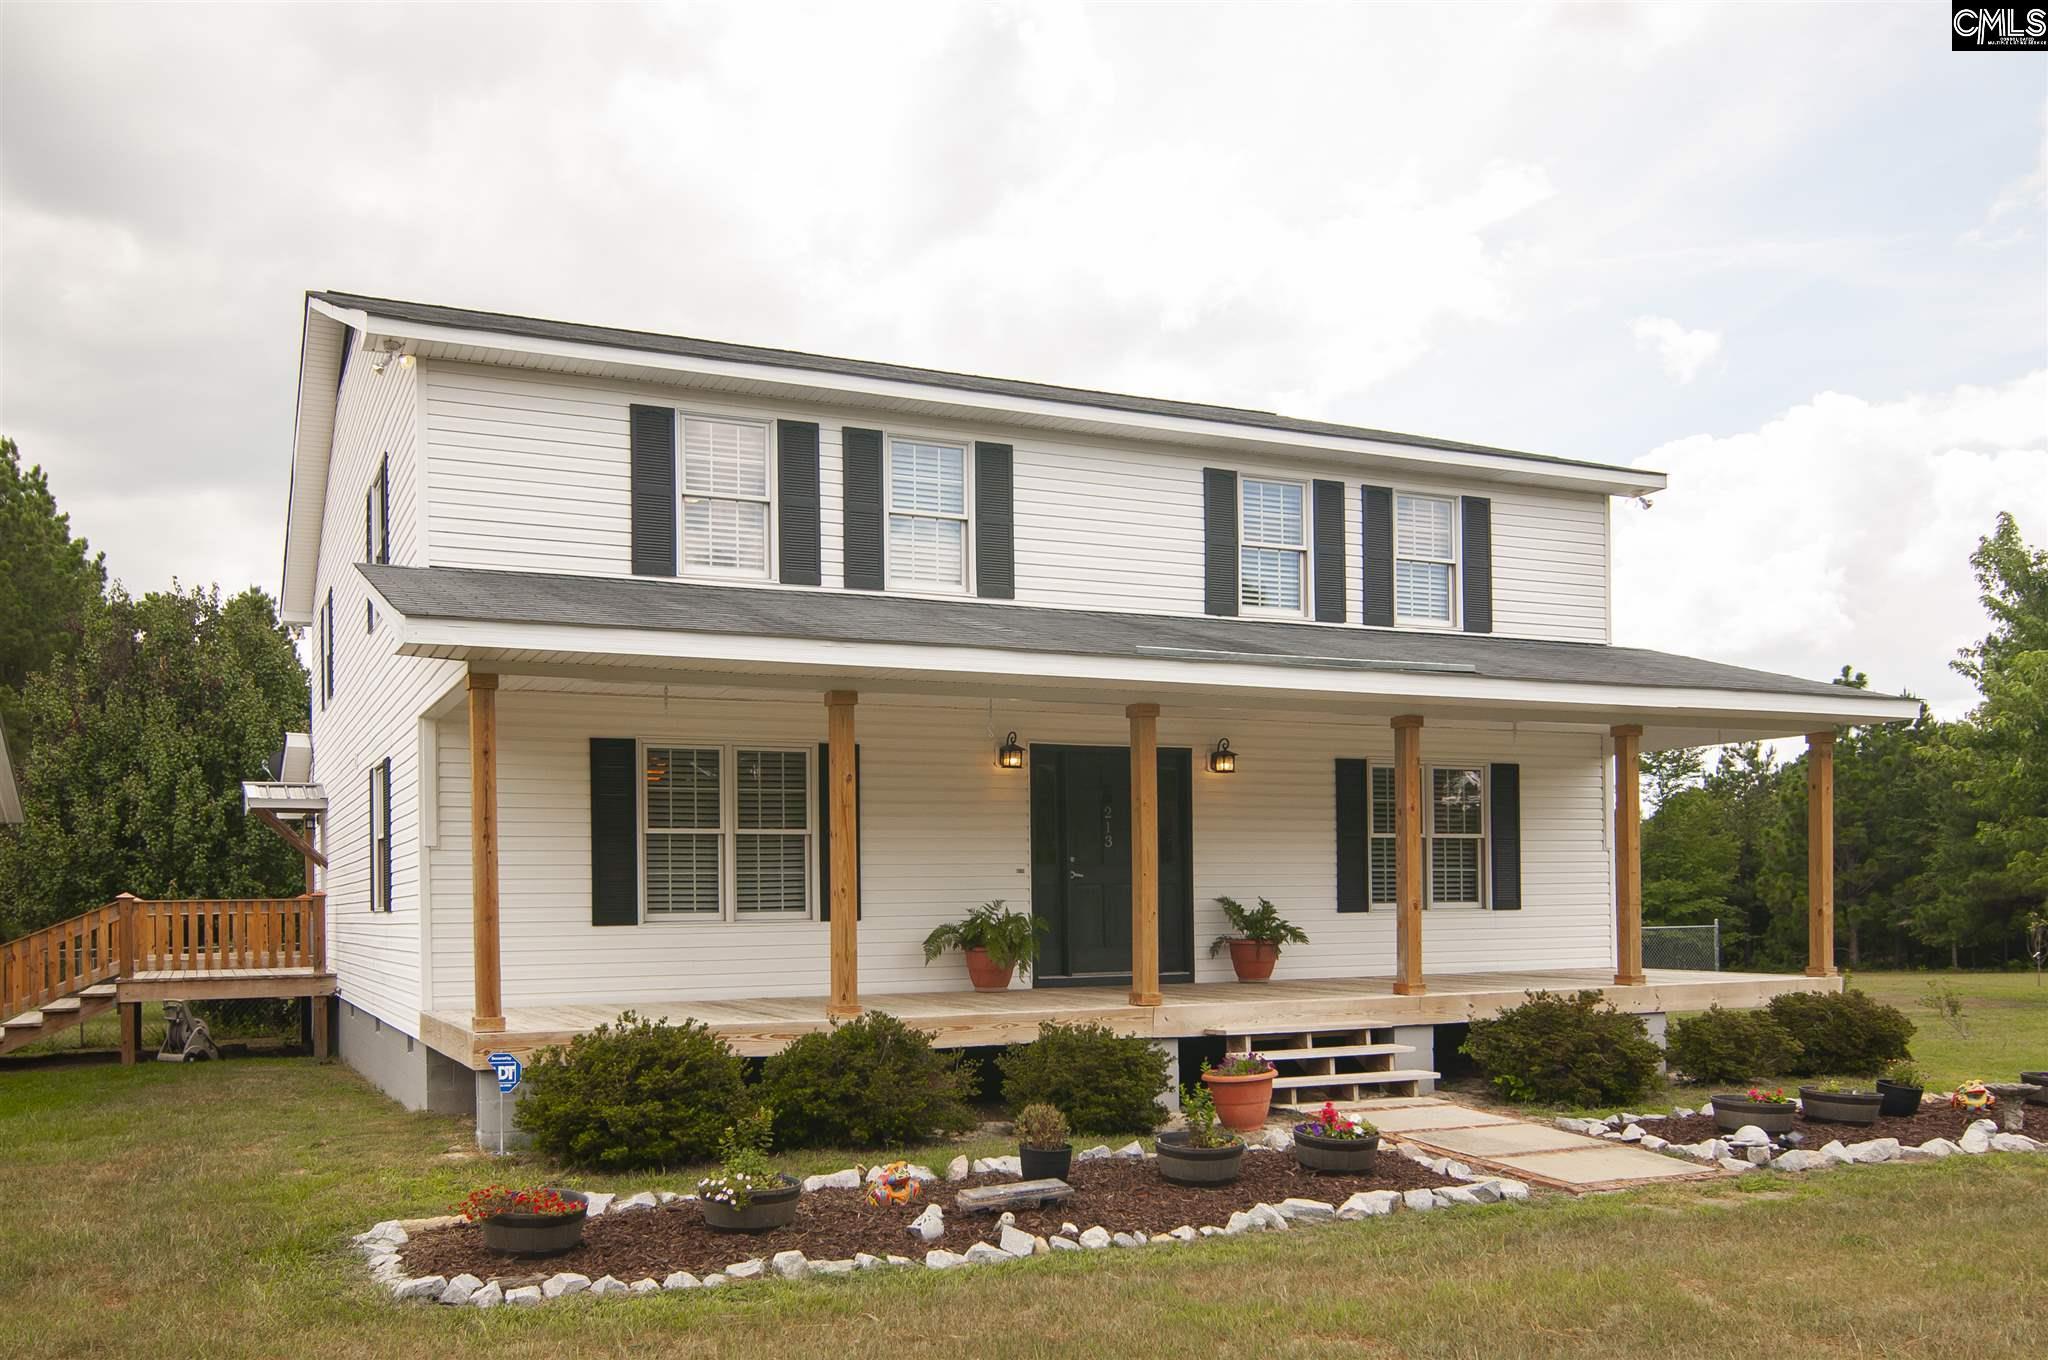 213 Stutman Leesville, SC 29070